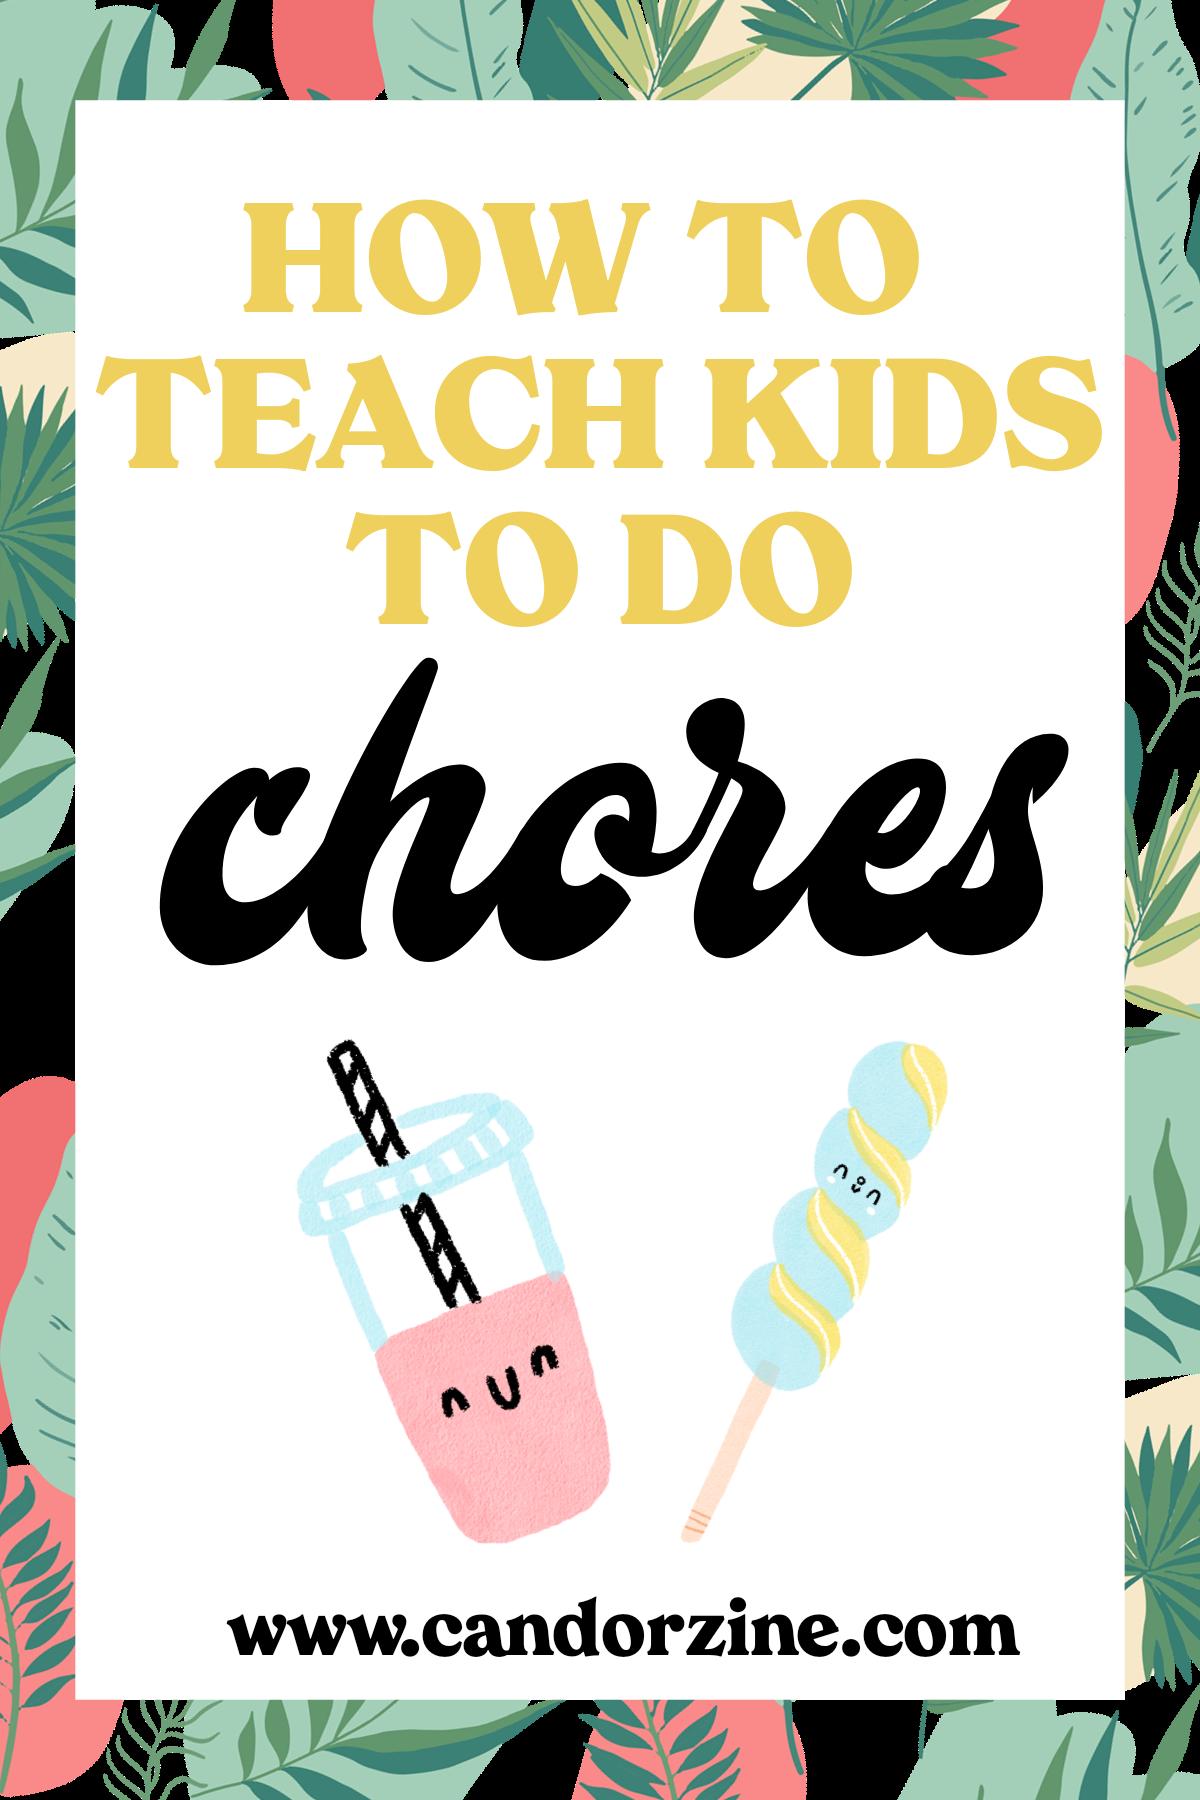 how-to-teach-kids-to-do-chores